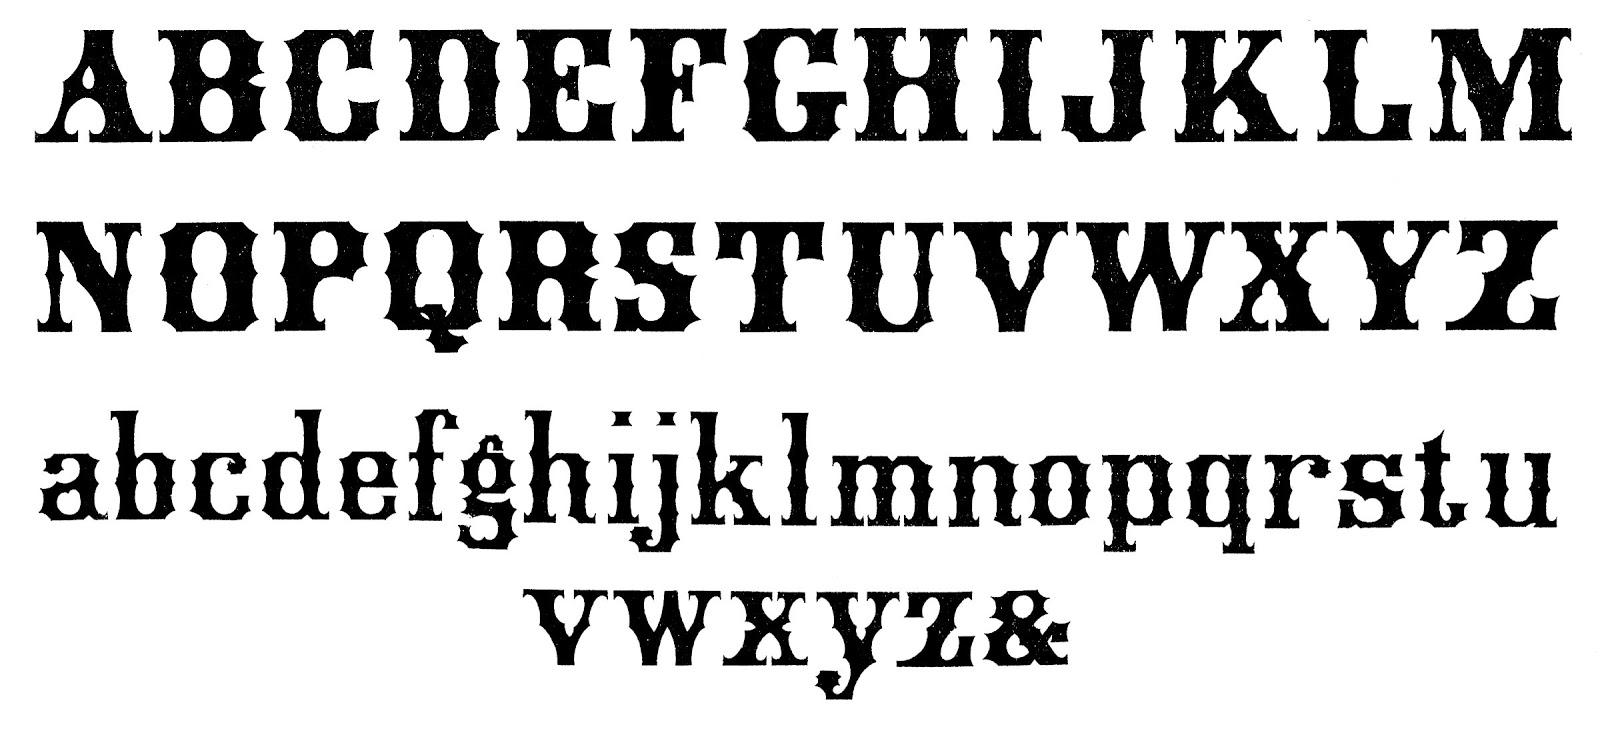 12 Vintage Lettering Fonts Images - Vintage Font Styles ...